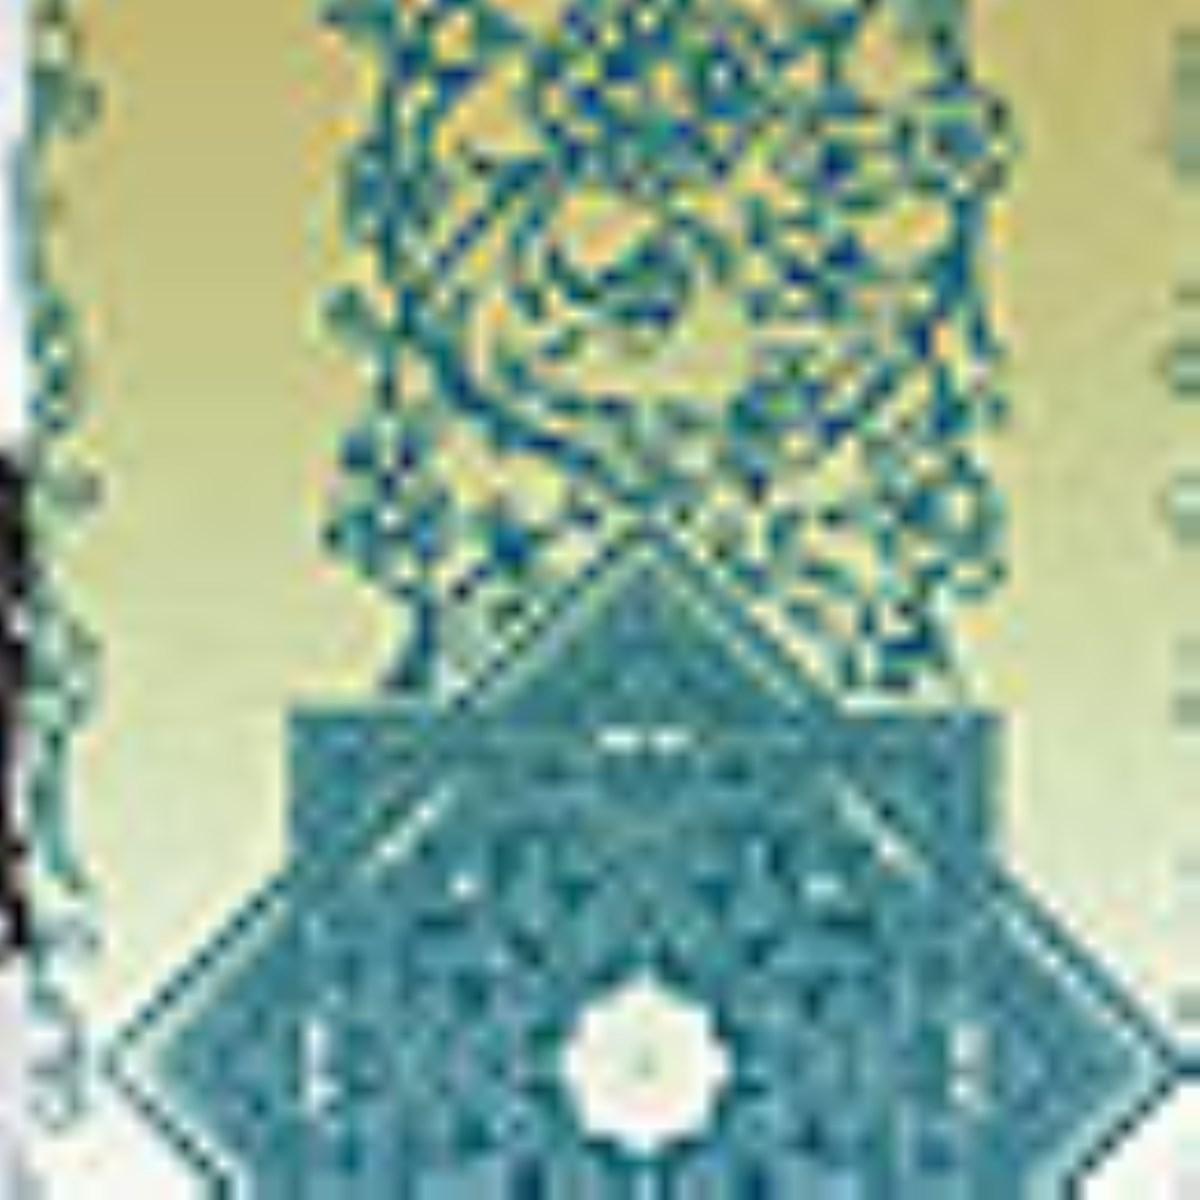 طرح یک نظریه ی اسلامی در روابط بین الملل